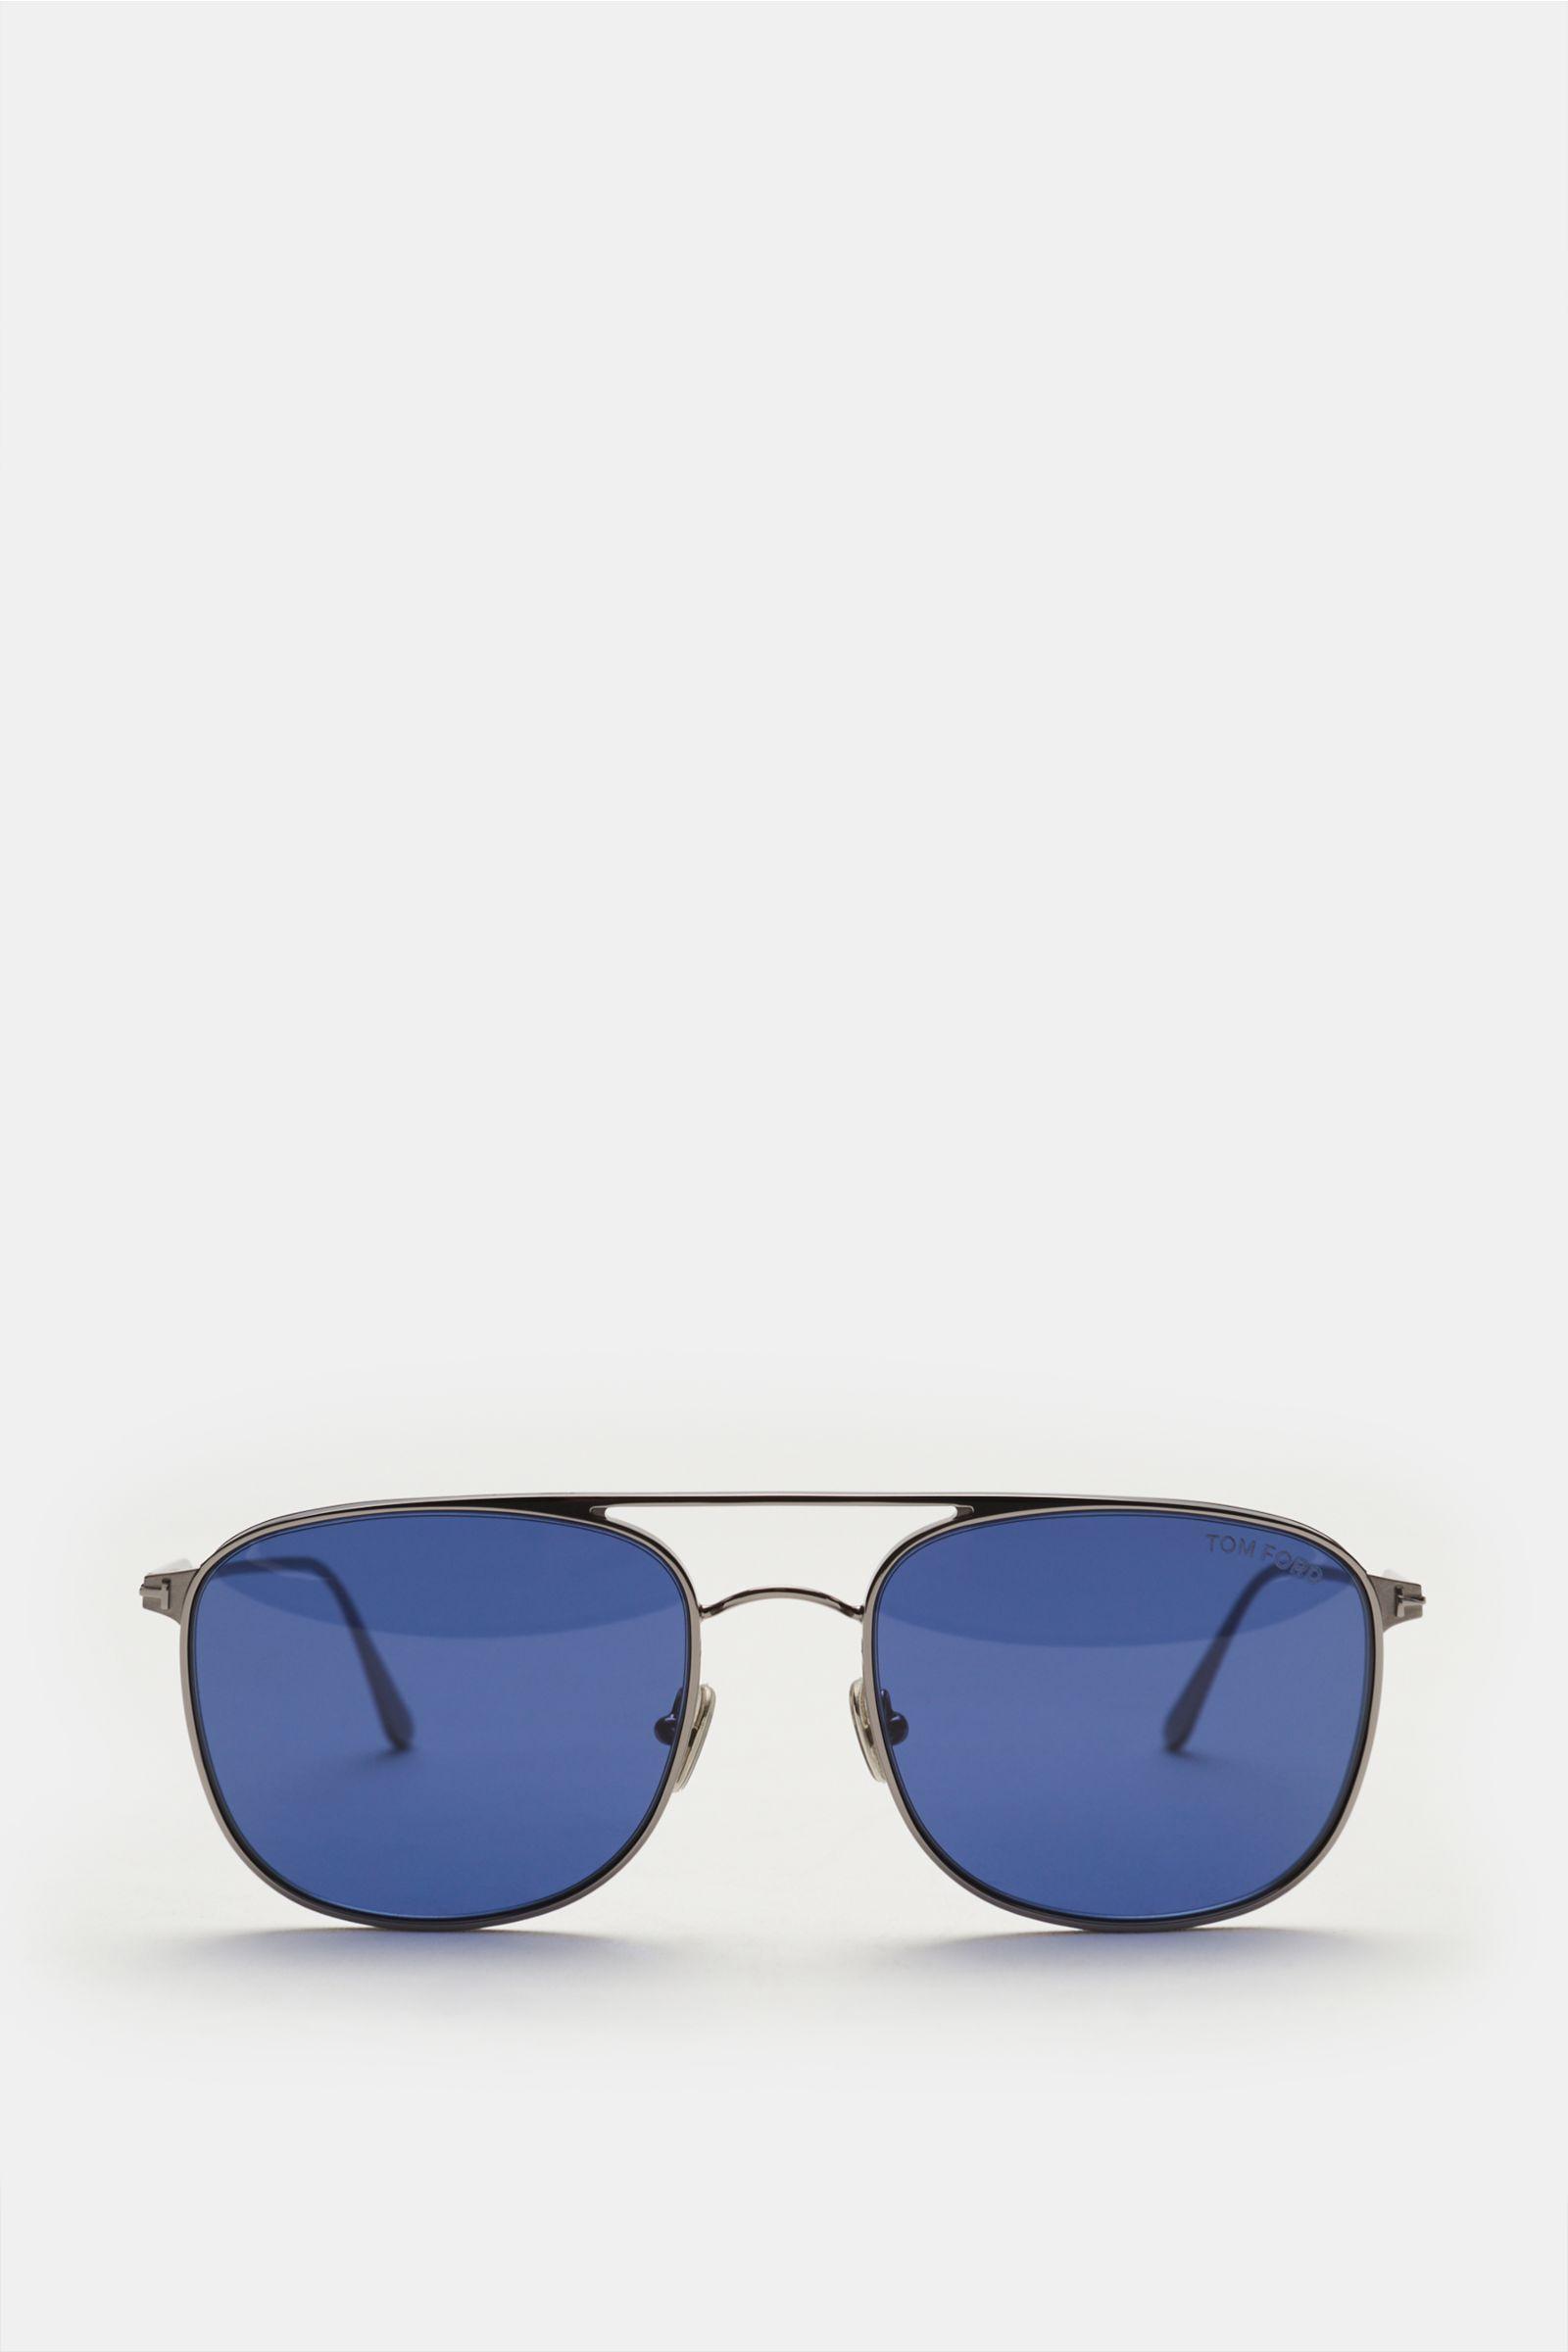 Sonnenbrille 'Jake' silber/dunkelblau